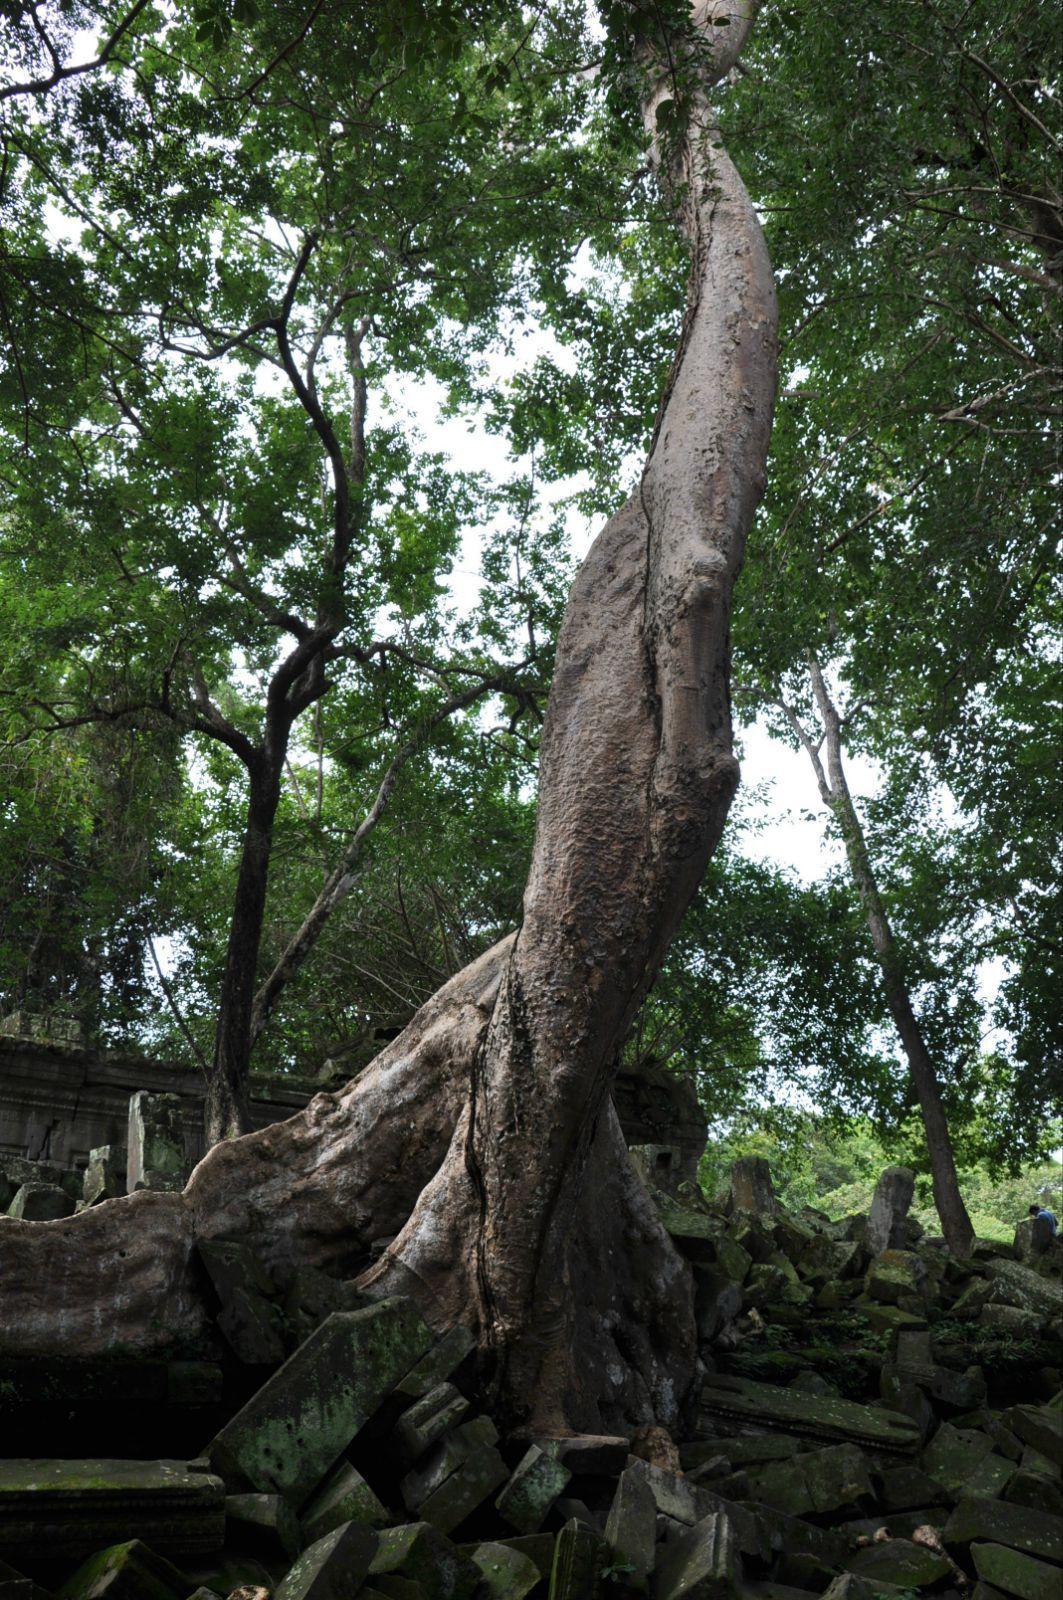 壁纸 树 榕树 1063_1600 竖版 竖屏 手机